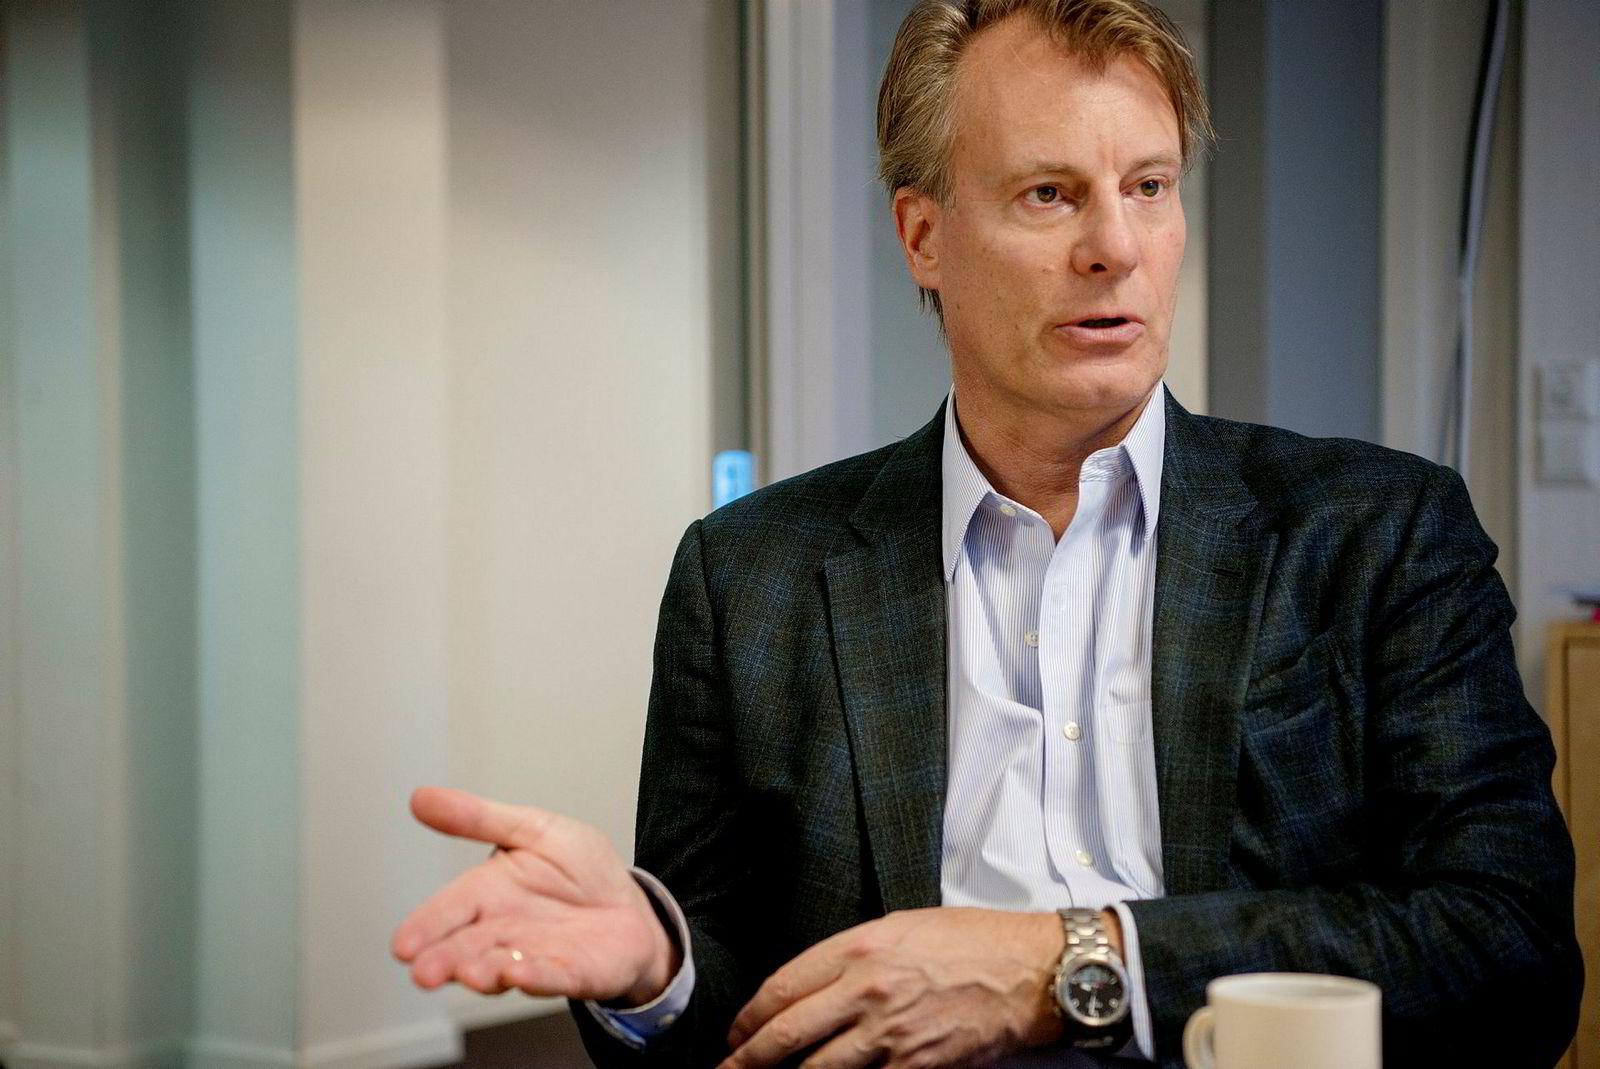 Leder av Etikkrådet for Oljefondet, Johan H. Andresen, mener det er stor sannsynlighet for at det vil anbefale Norges Bank å trekke ut selskaper i Gulfen som er knyttet til tvangsarbeid.